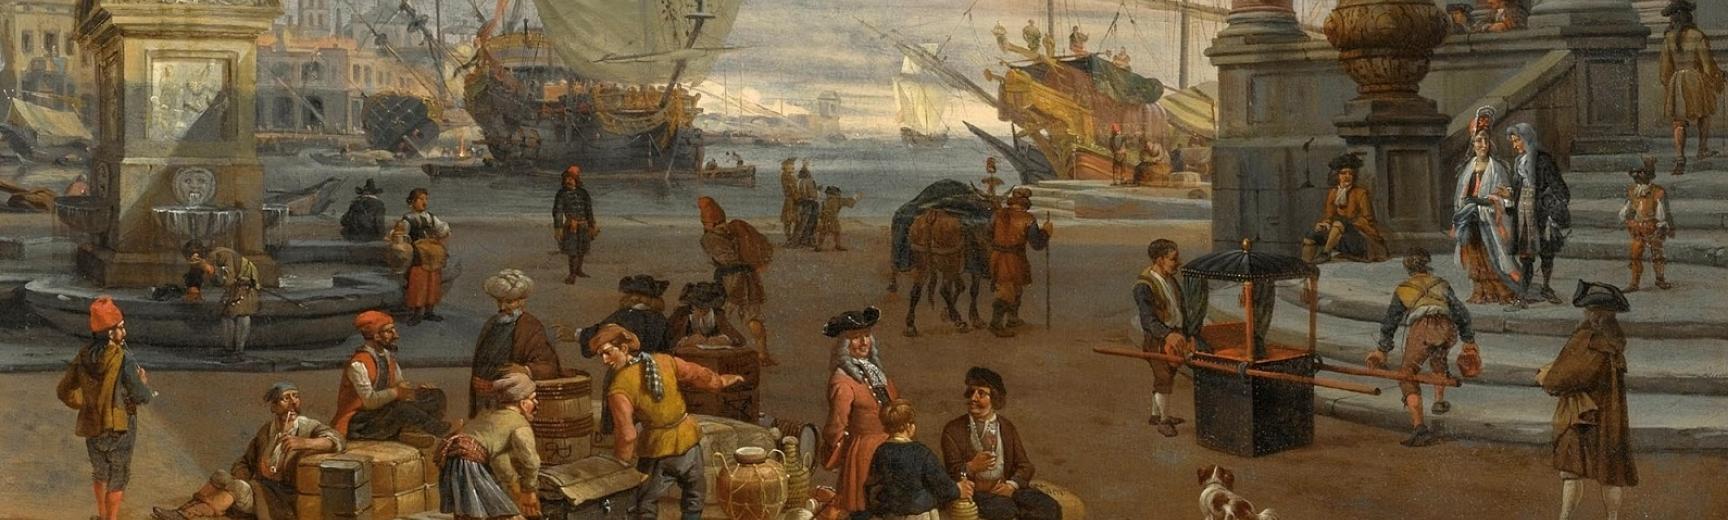 storck harbour scene